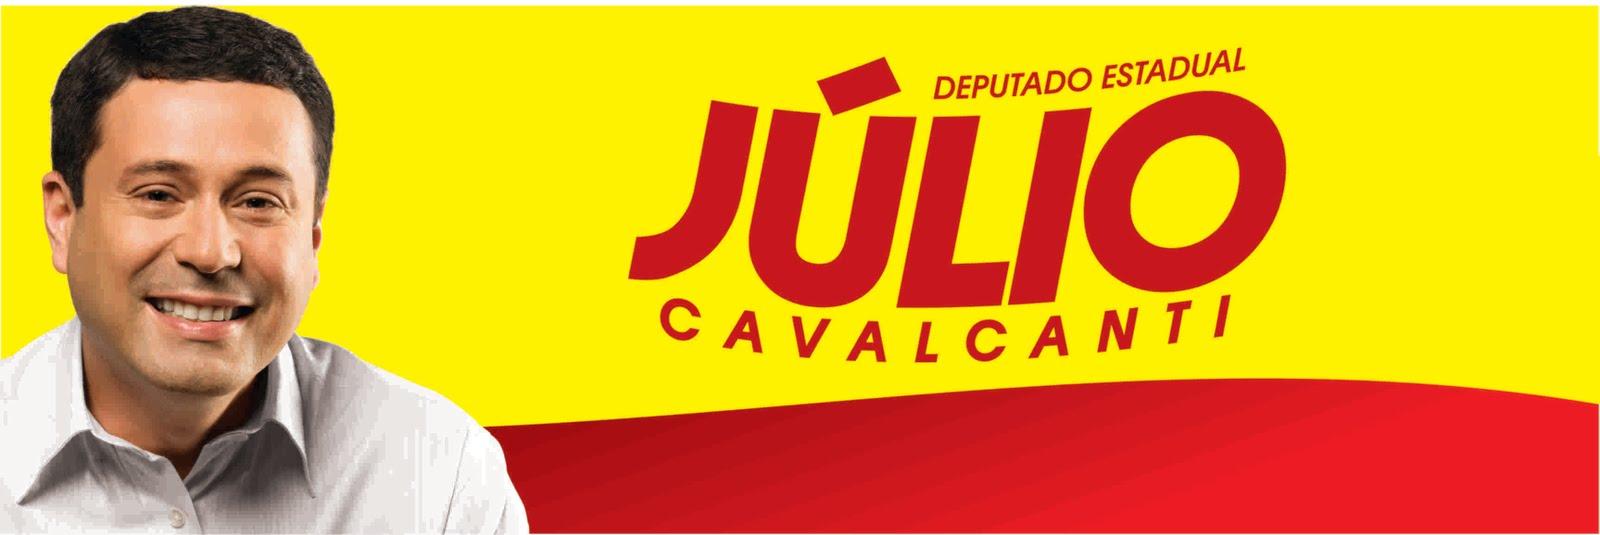 Julio Cavancalti